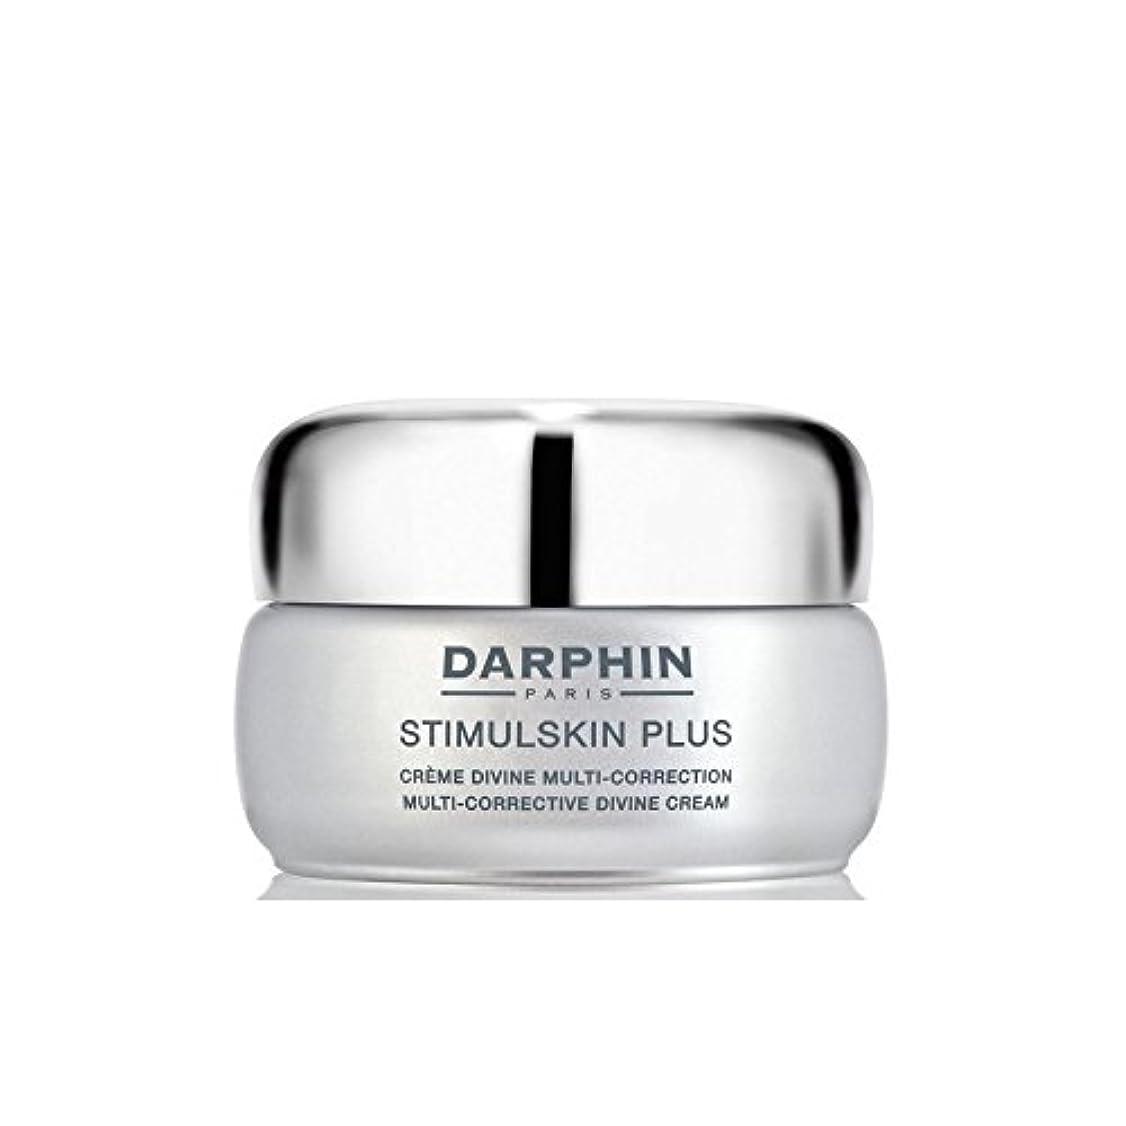 ルネッサンス体細胞ハムDarphin Stimulskin Plus Multi-Corrective Divine Cream - Rich (Pack of 6) - ダルファンスティプラスマルチ是正神クリーム - 豊富 x6 [並行輸入品]